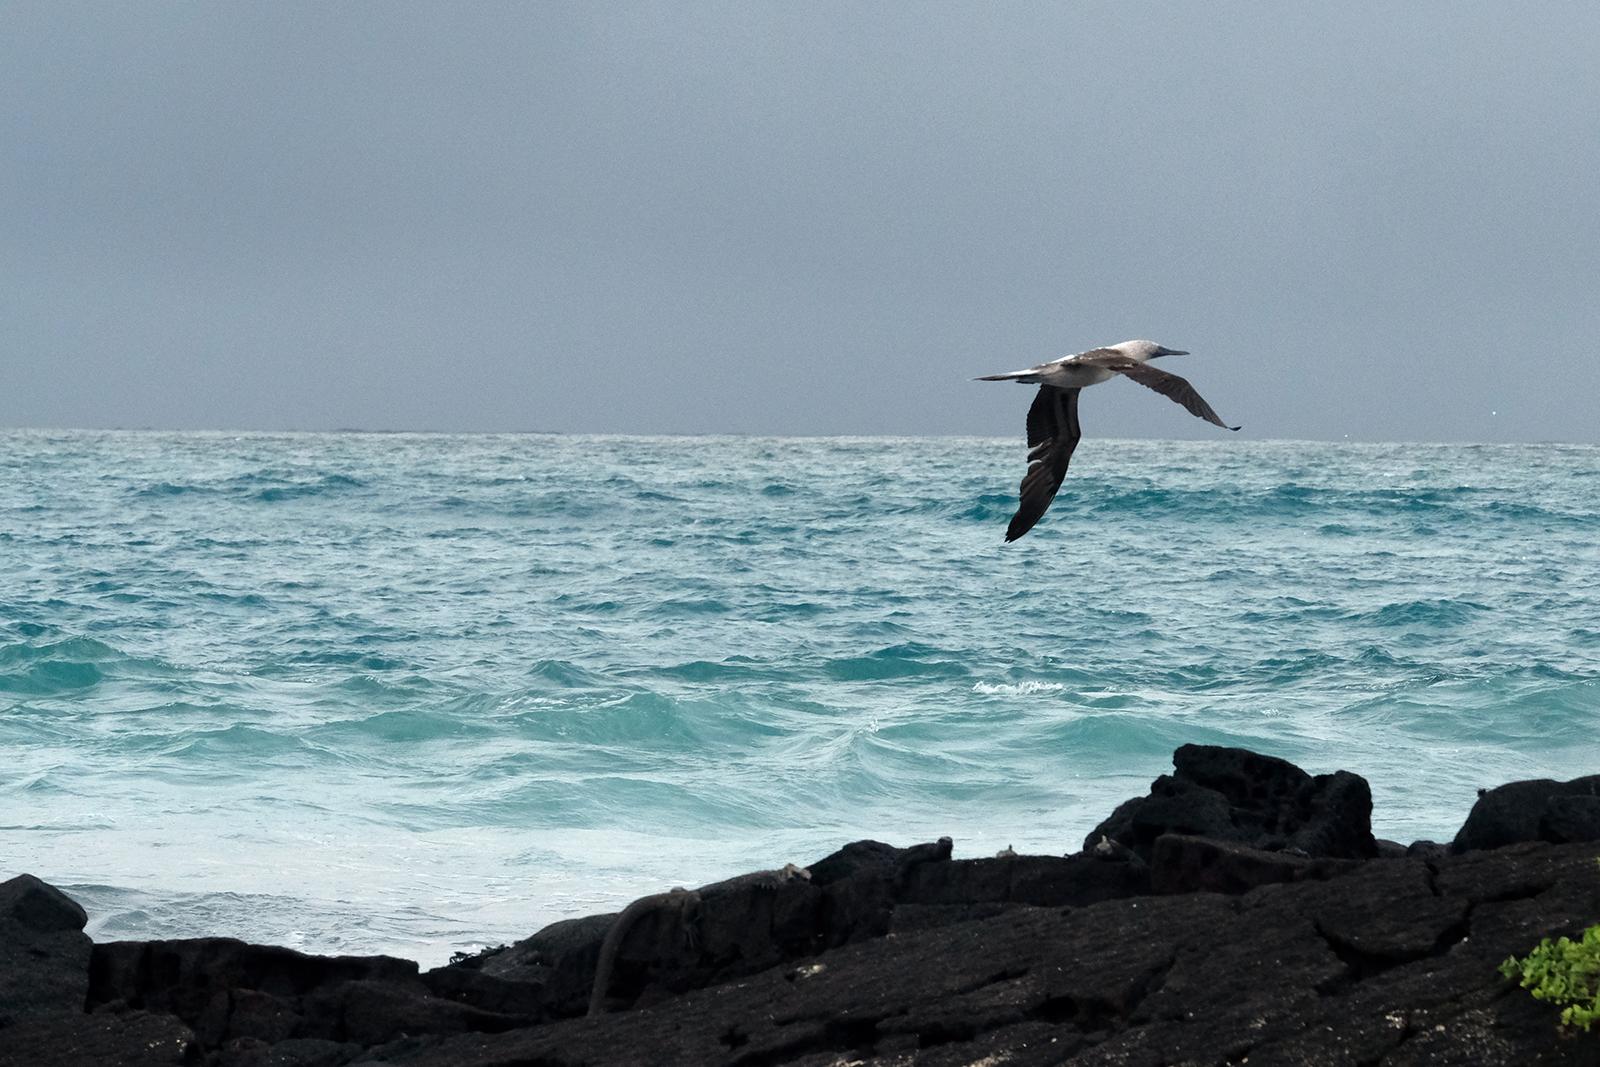 03_playa_grande_02_piquero_volando.JPG